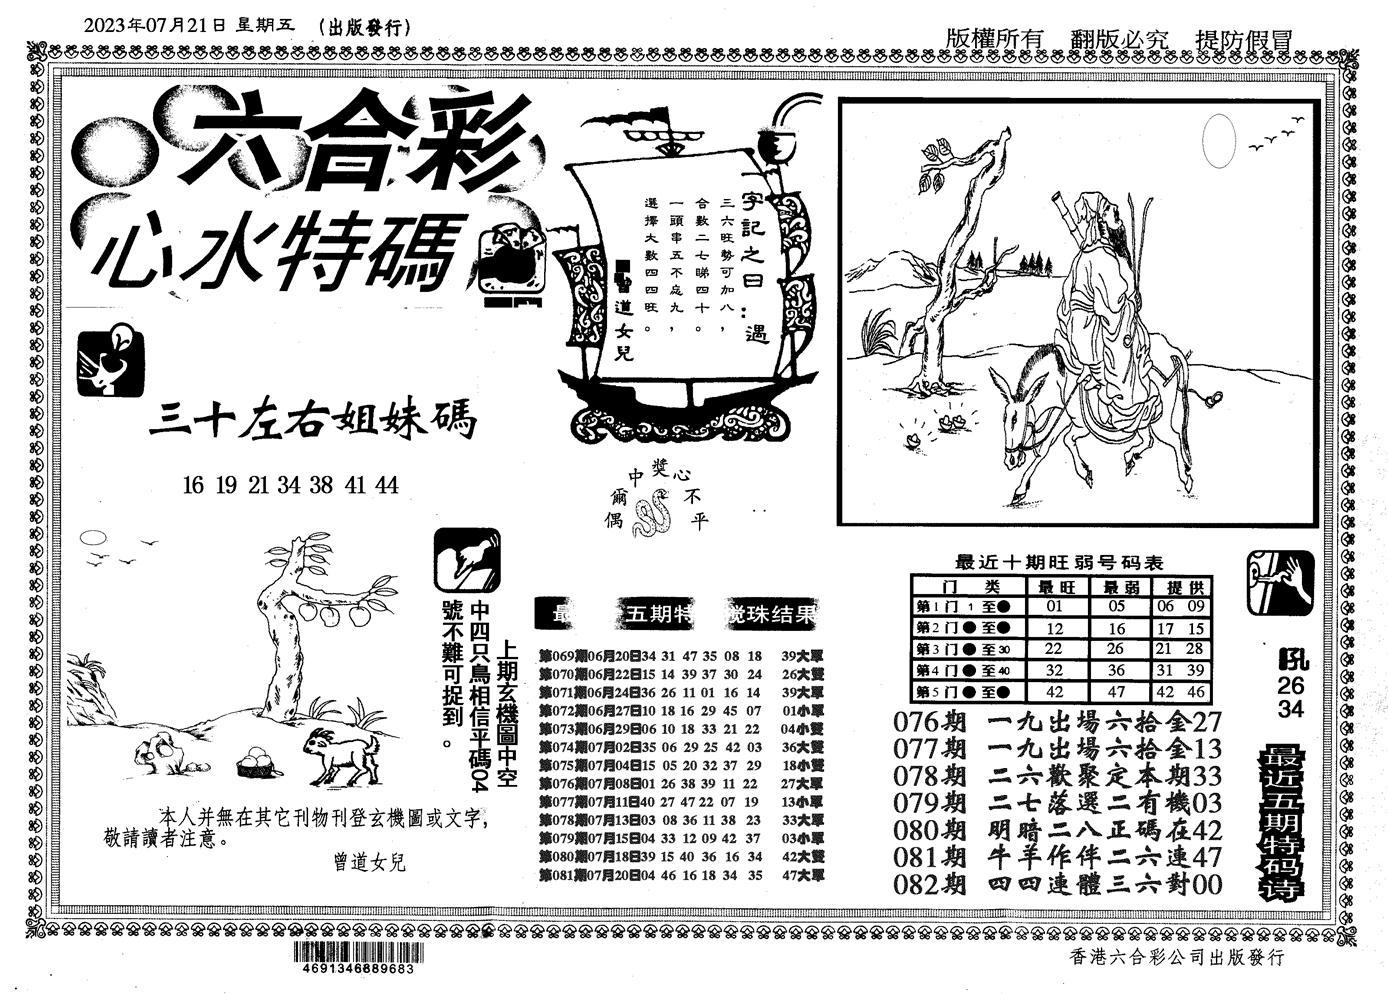 082期心水特码信封(黑白)